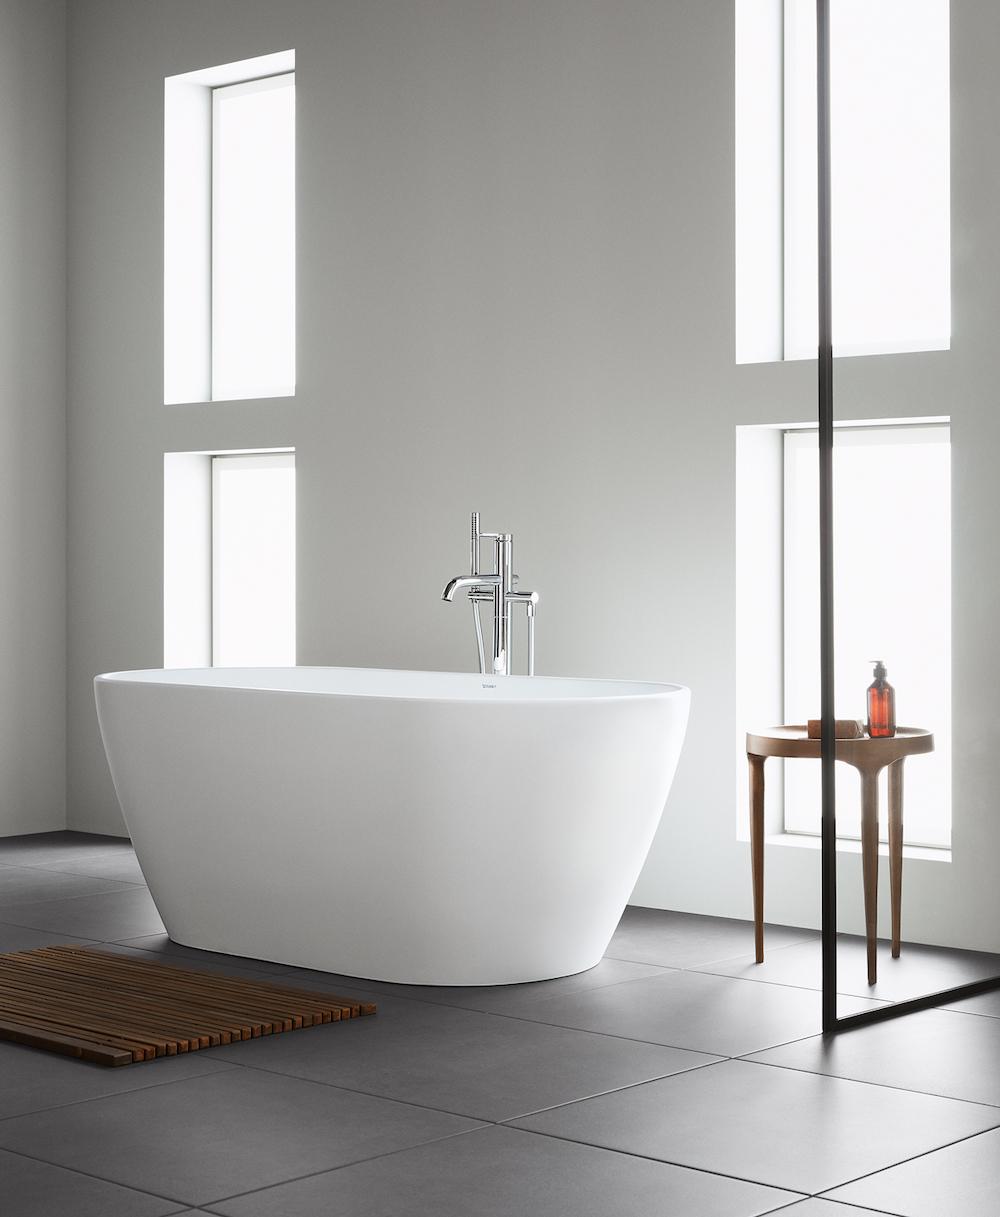 Duravit vrijstaand bad uit de complete badkamerserie D-Neo #duravit #badkamer #bad #vrijstaand #badkameridee #dneo